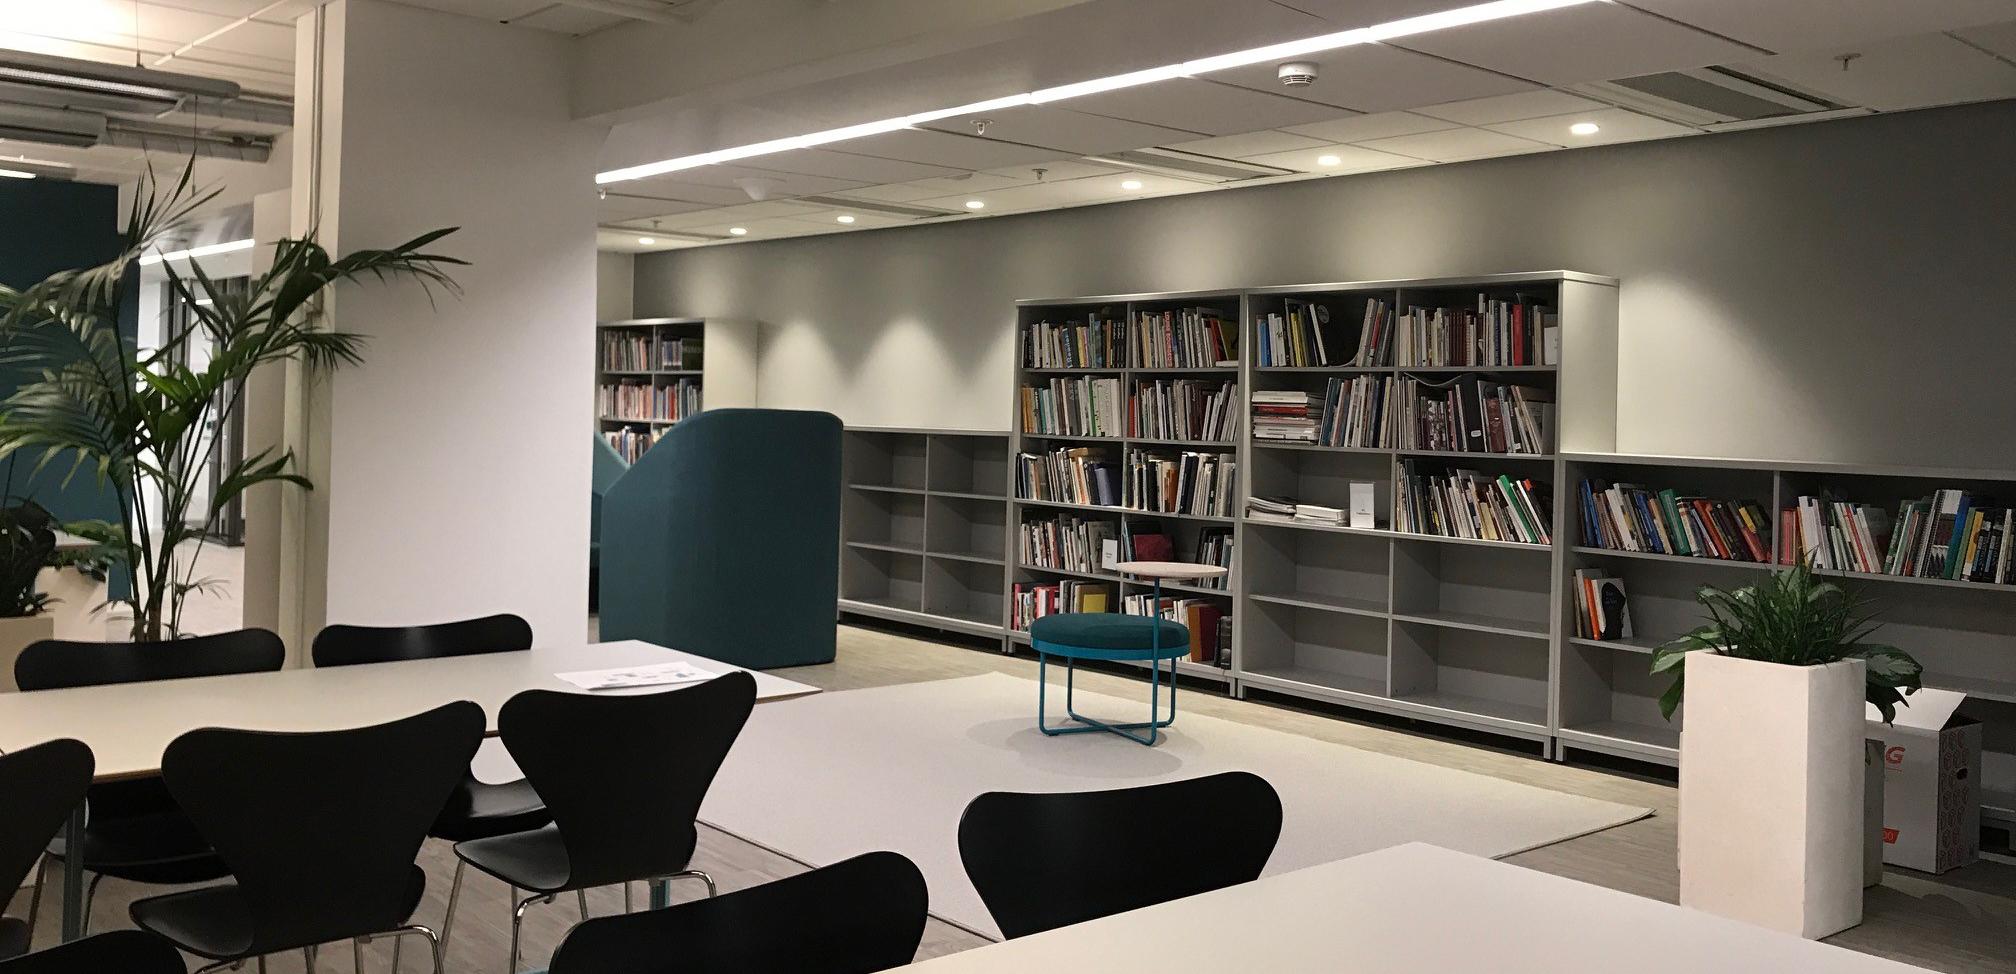 Fatburen_kontorsmiljö, vägg med bokhyllro och böcker